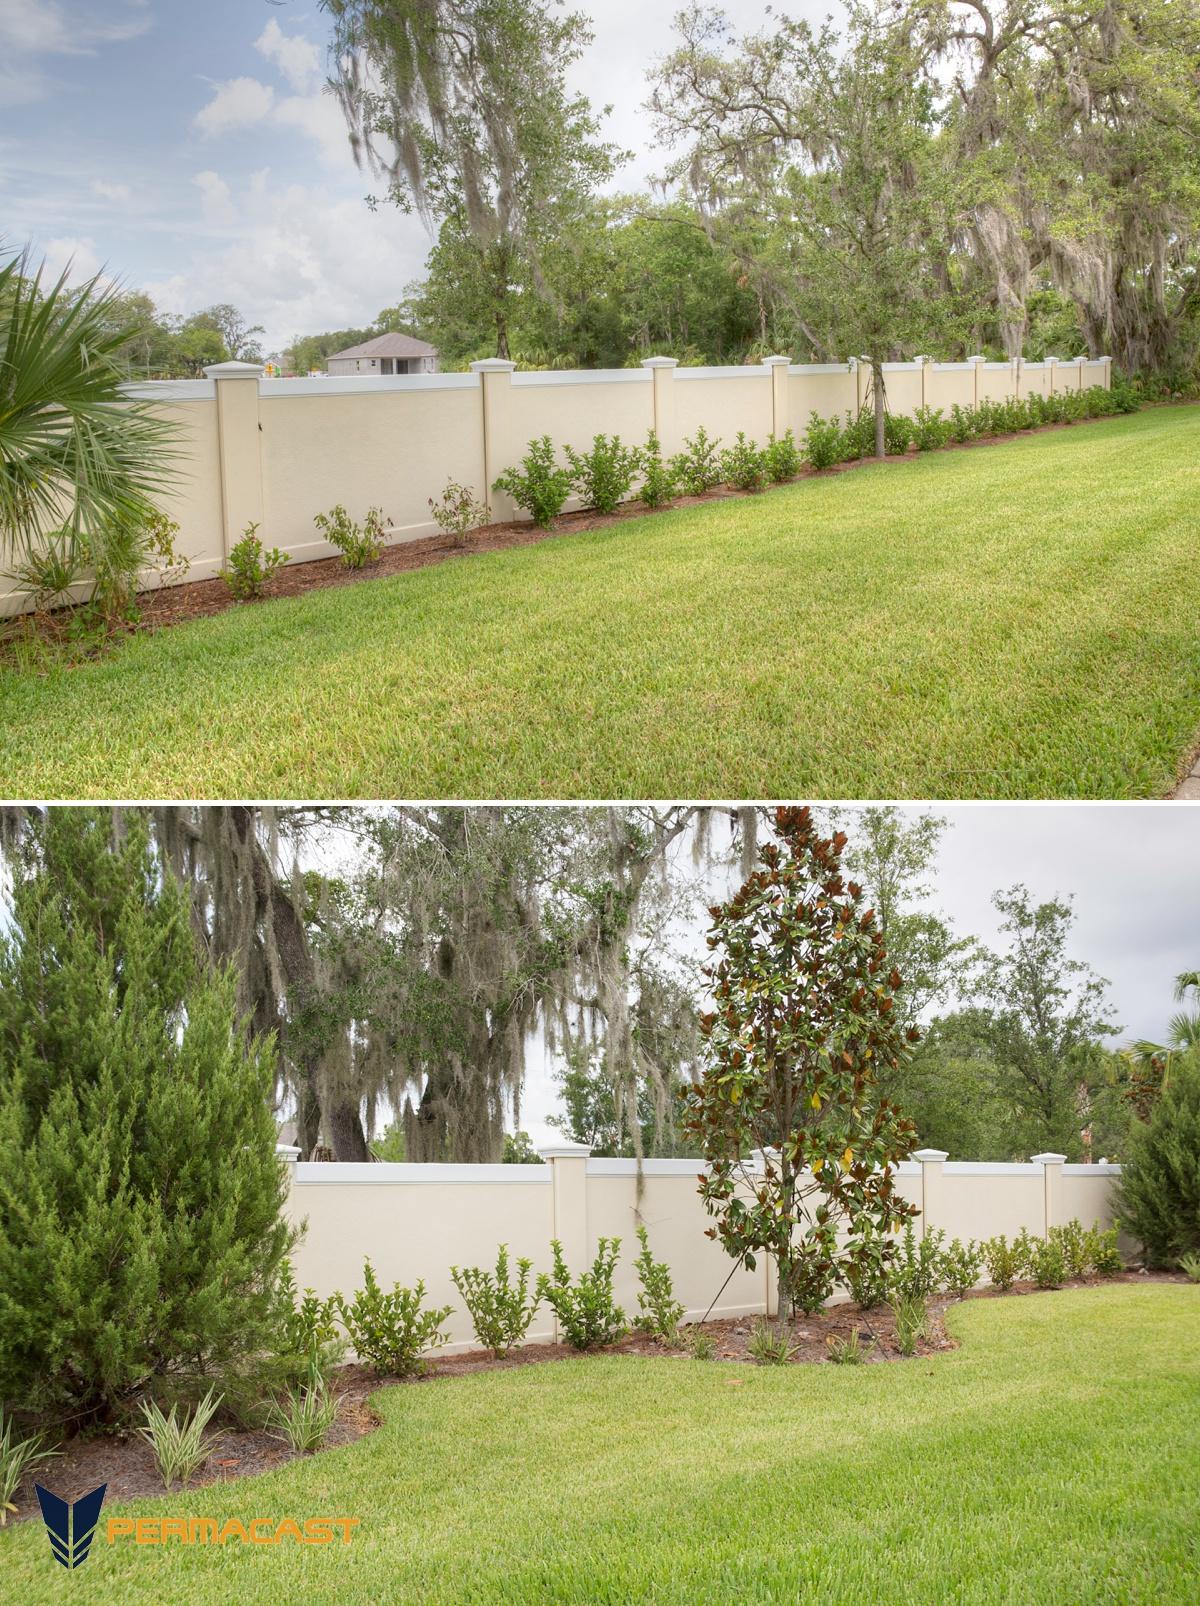 precast fence